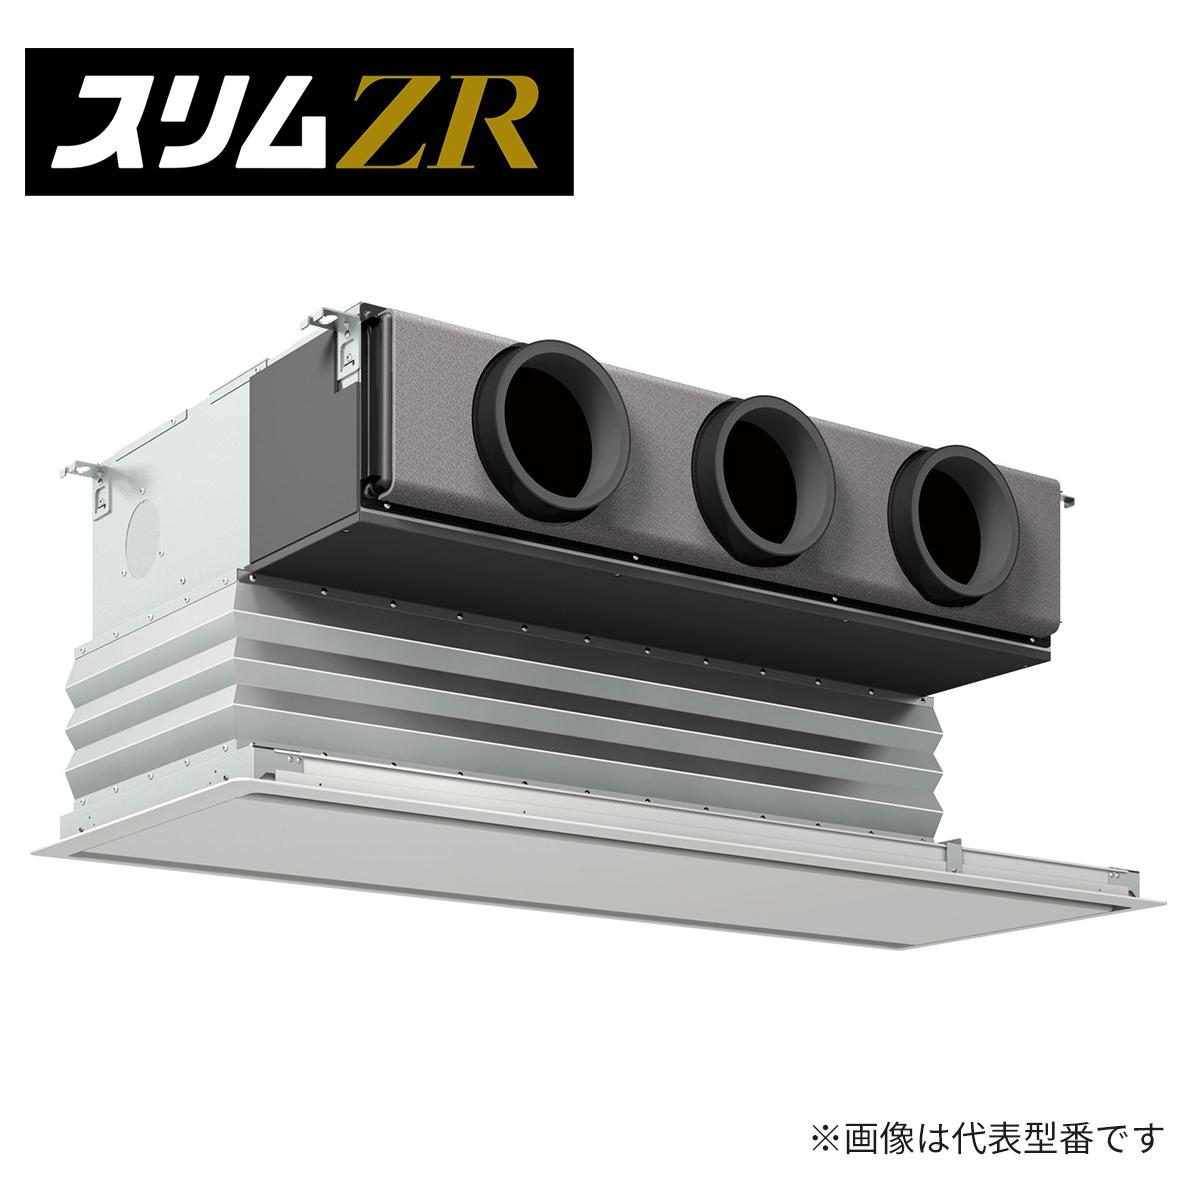 ###三菱 業務用エアコン【PDZ-ZRMP50GR】スリムZR 天井ビルトイン形 標準シングル 三相200V 2馬力